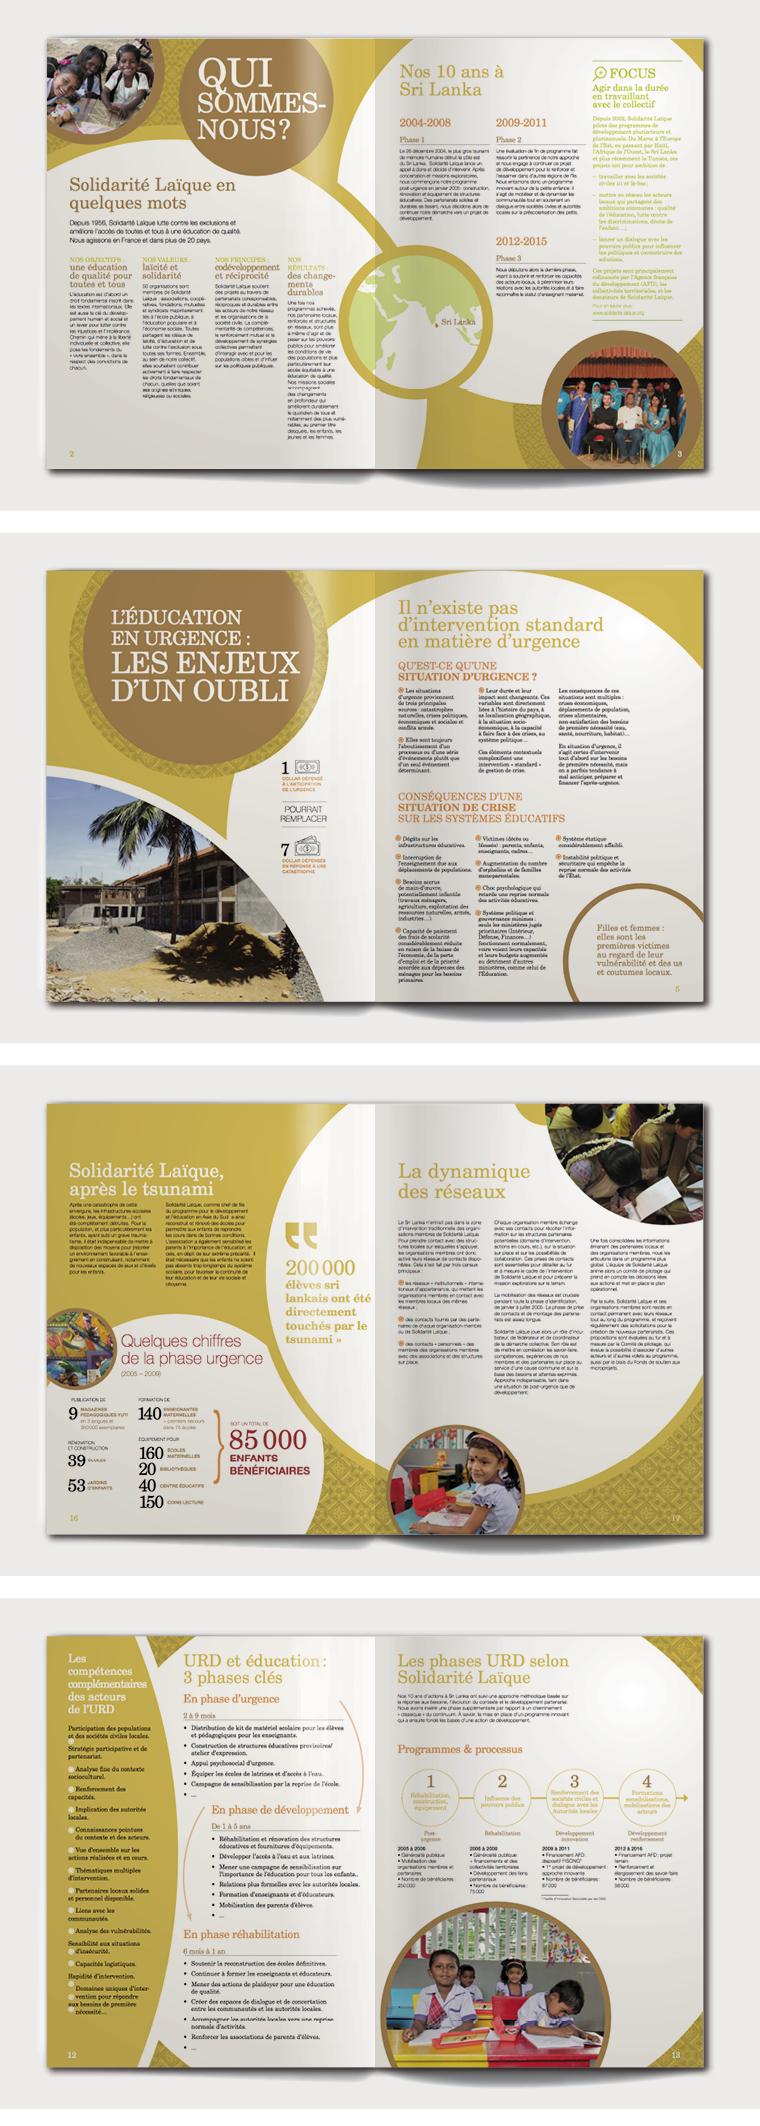 Solidarité Laïque Brochure Sri Lanka int